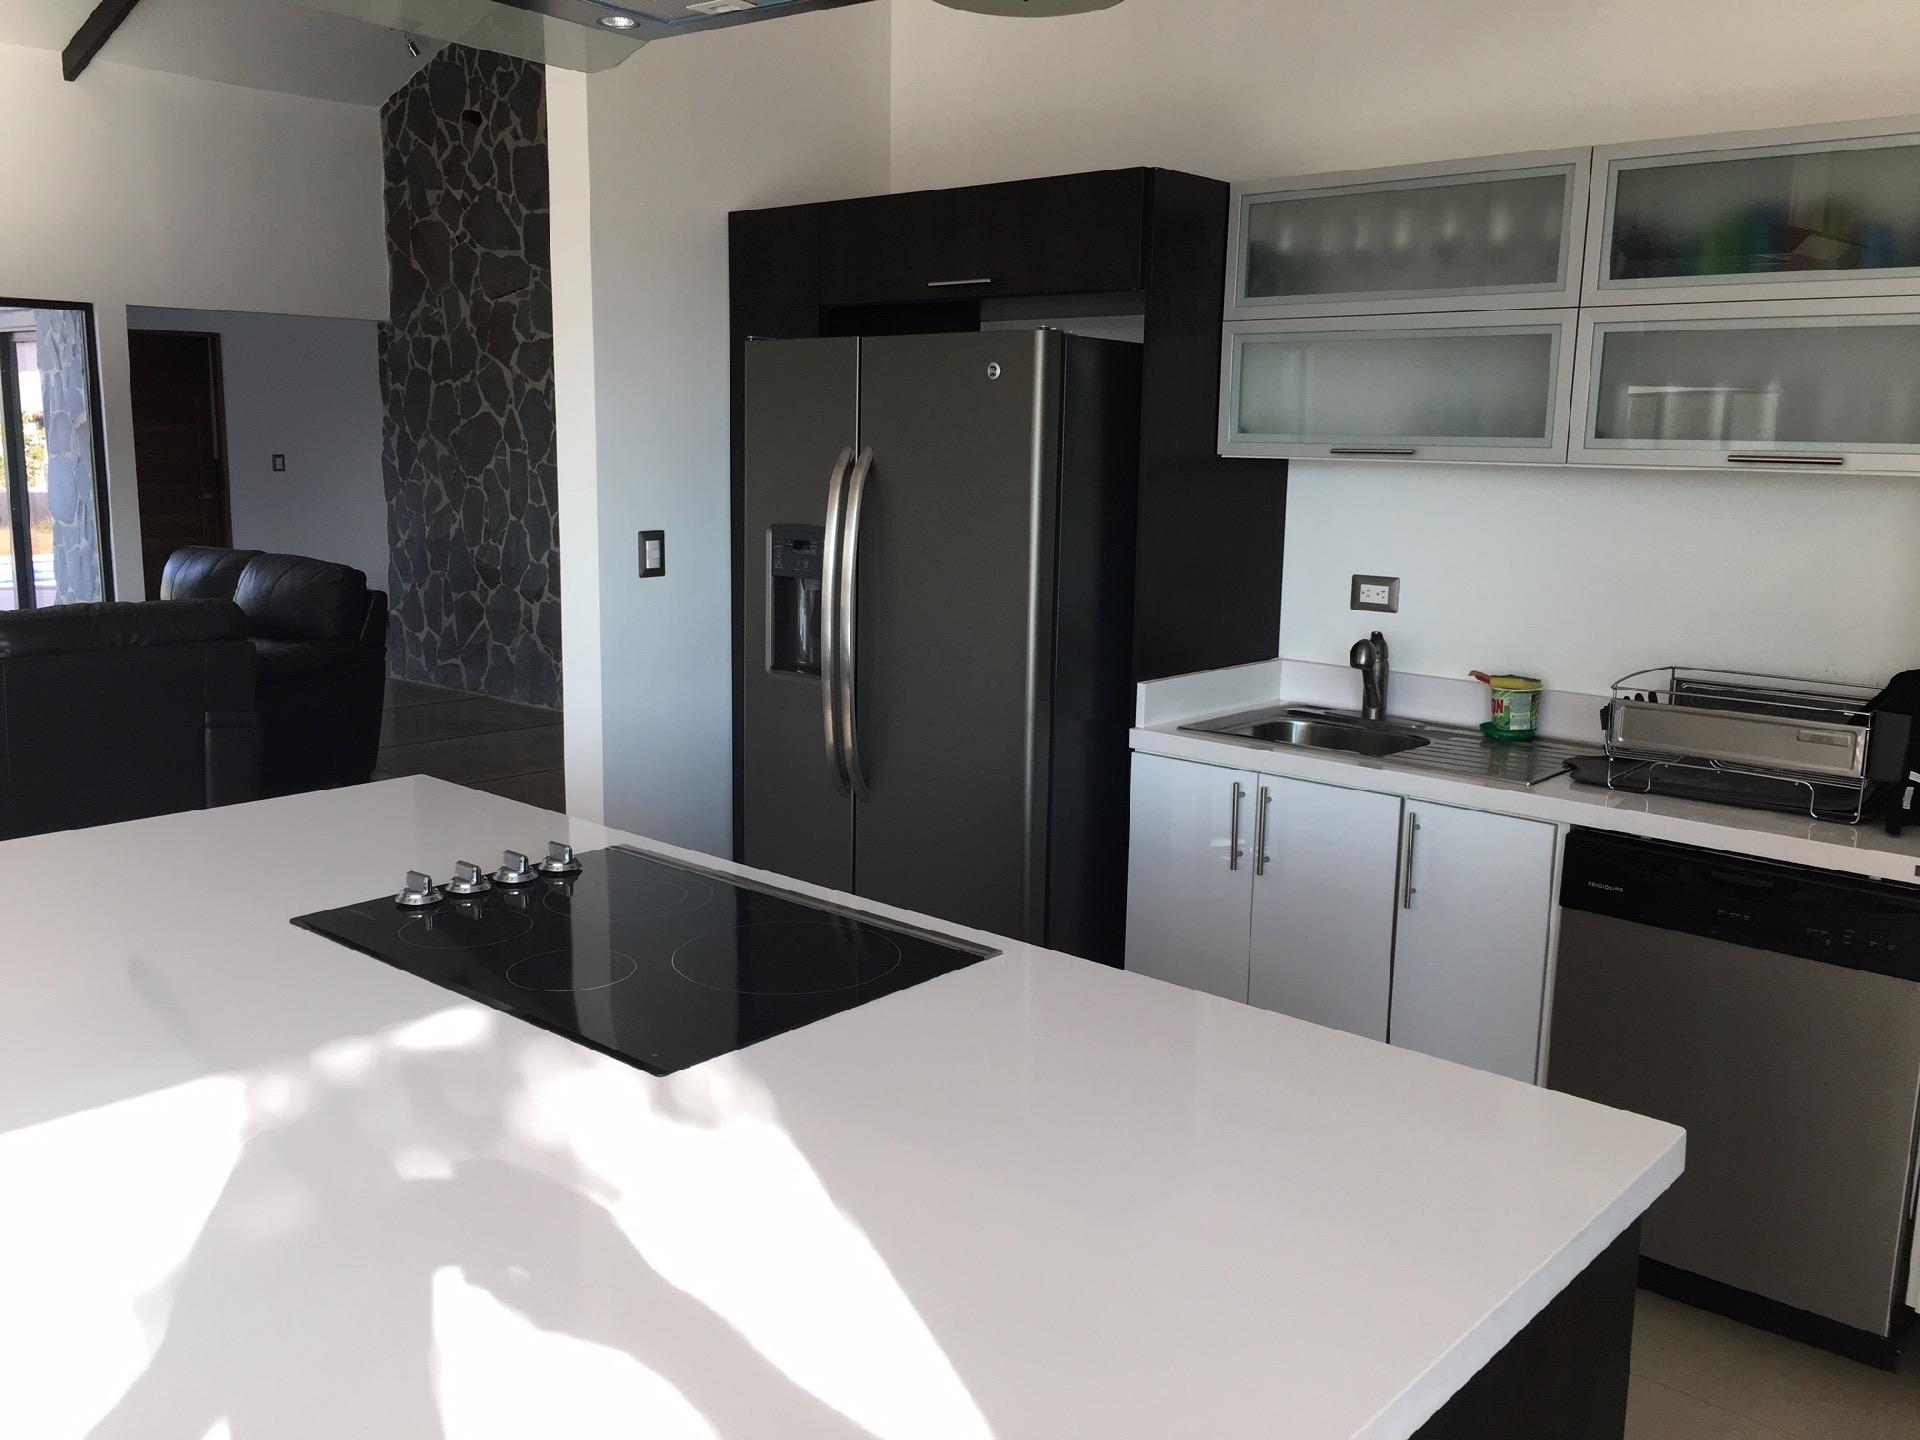 White Granite counter-tops